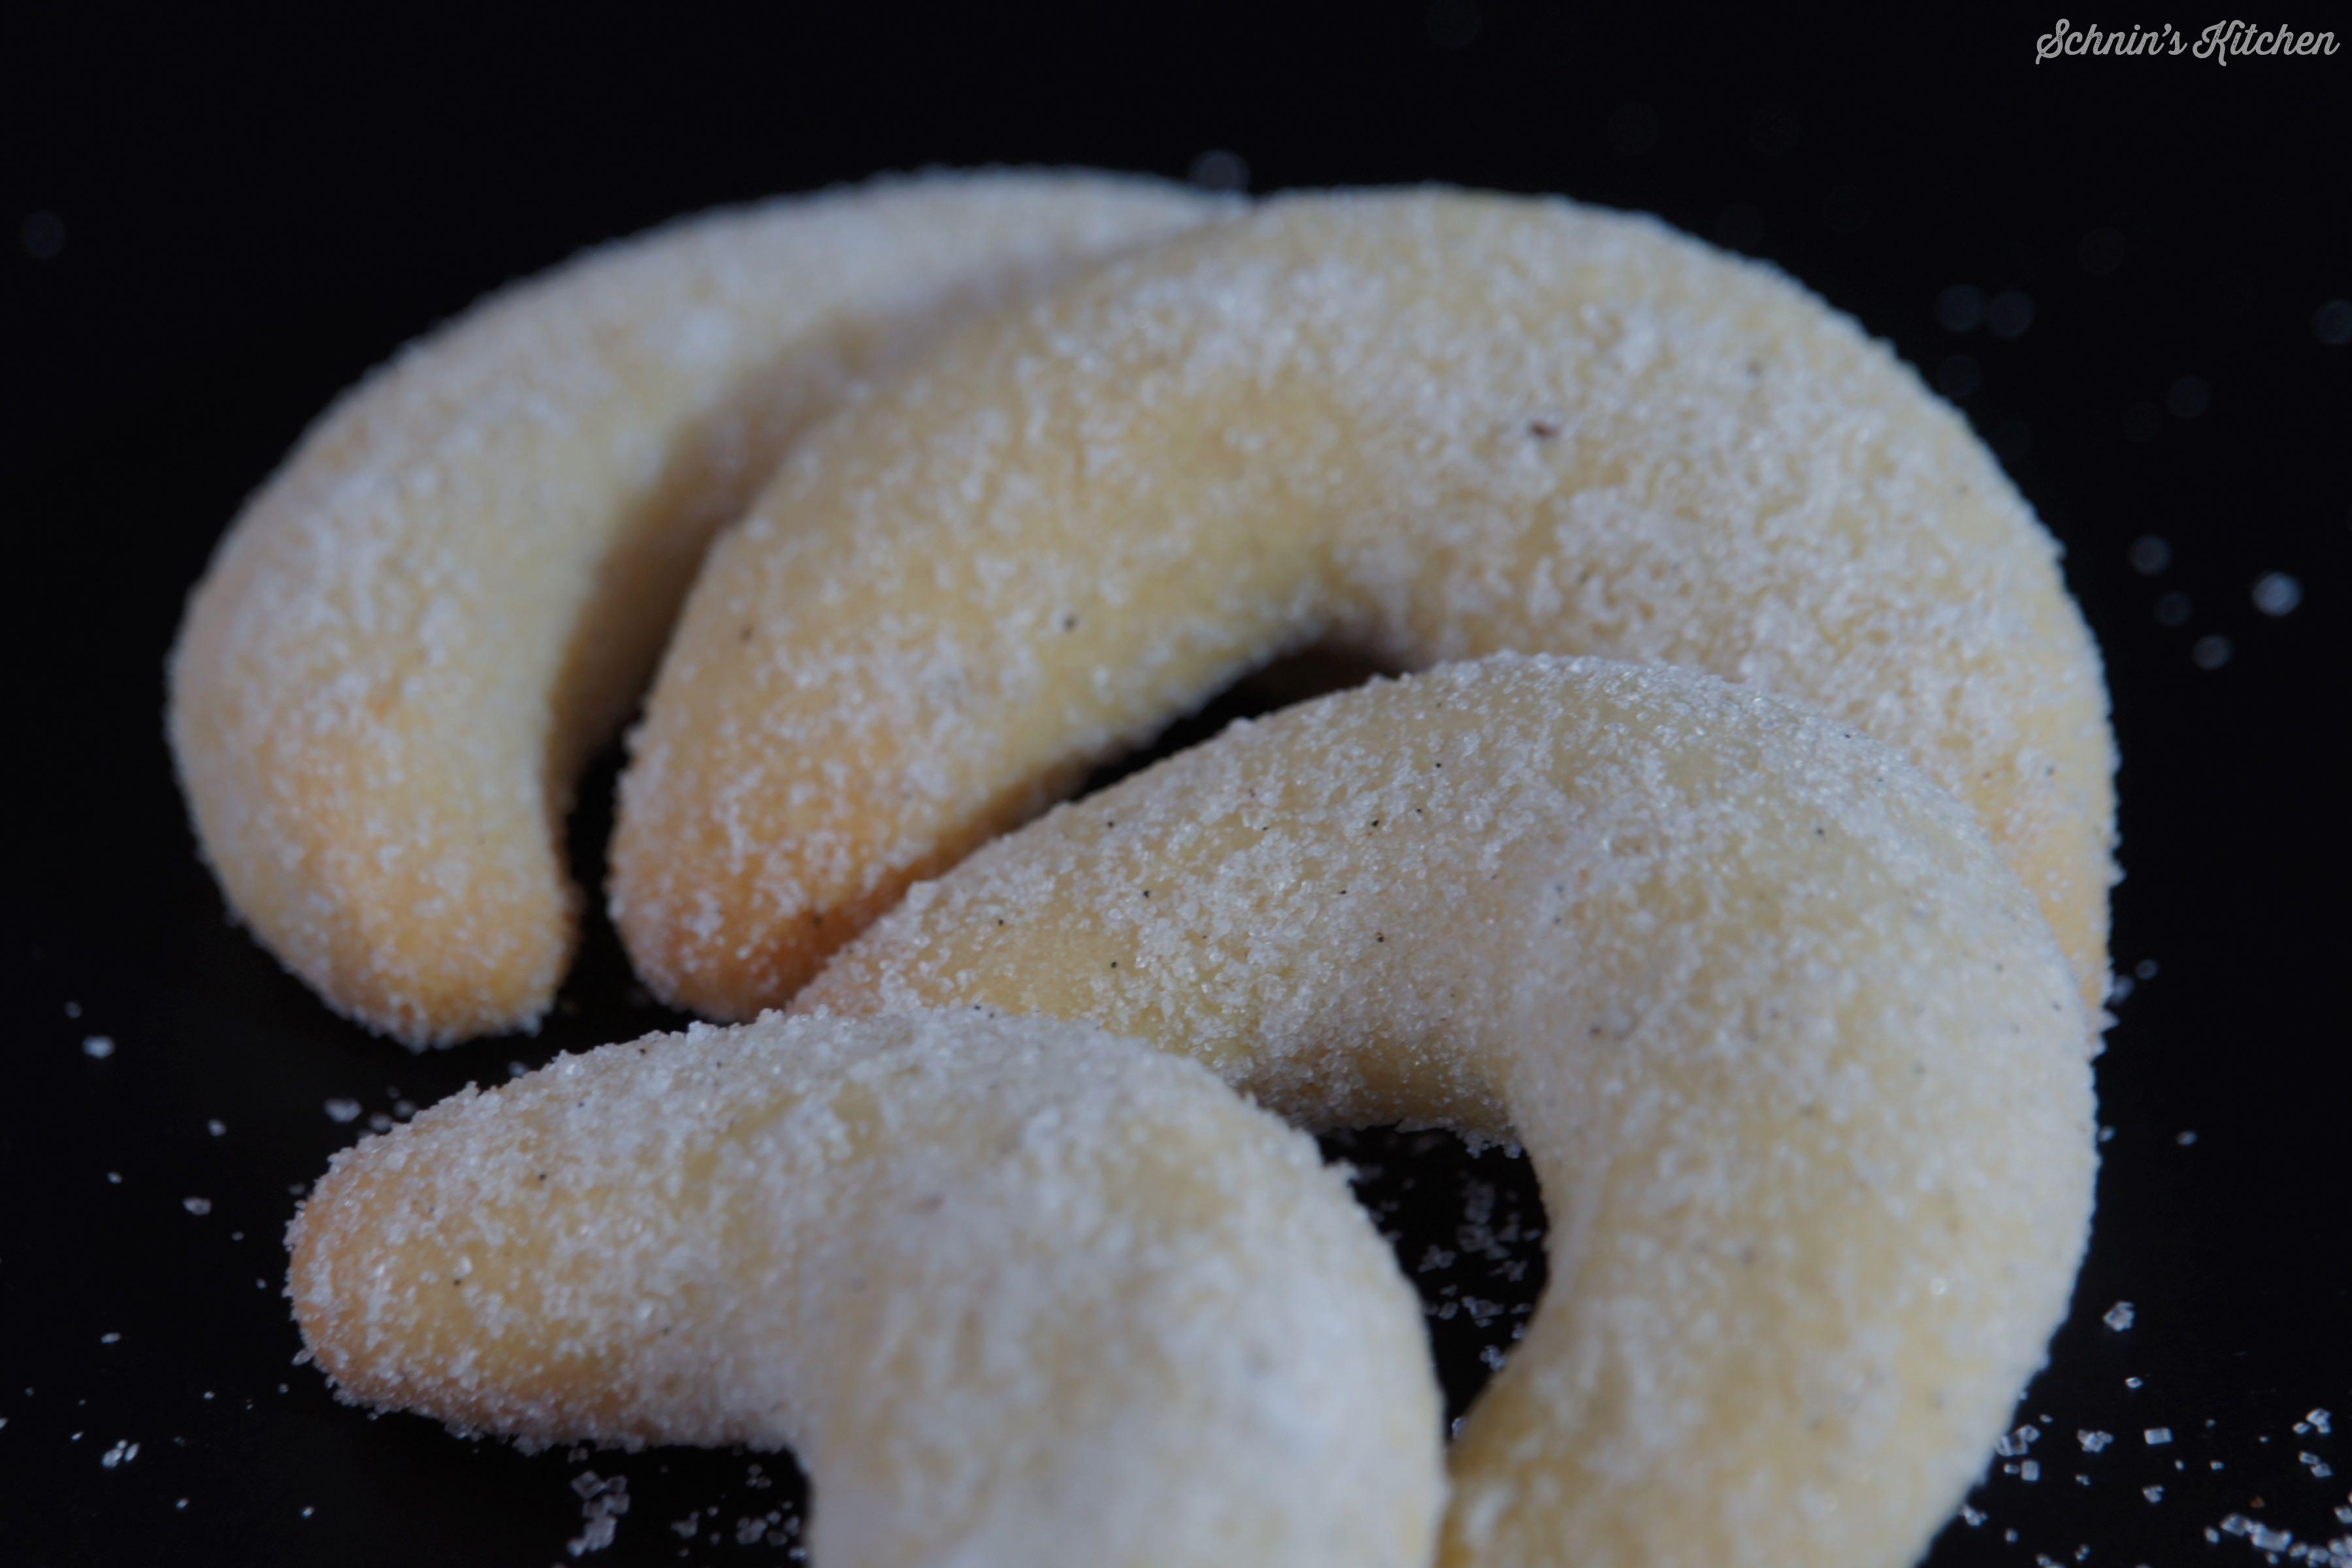 Schnin's Kitchen: Vanillekipferl